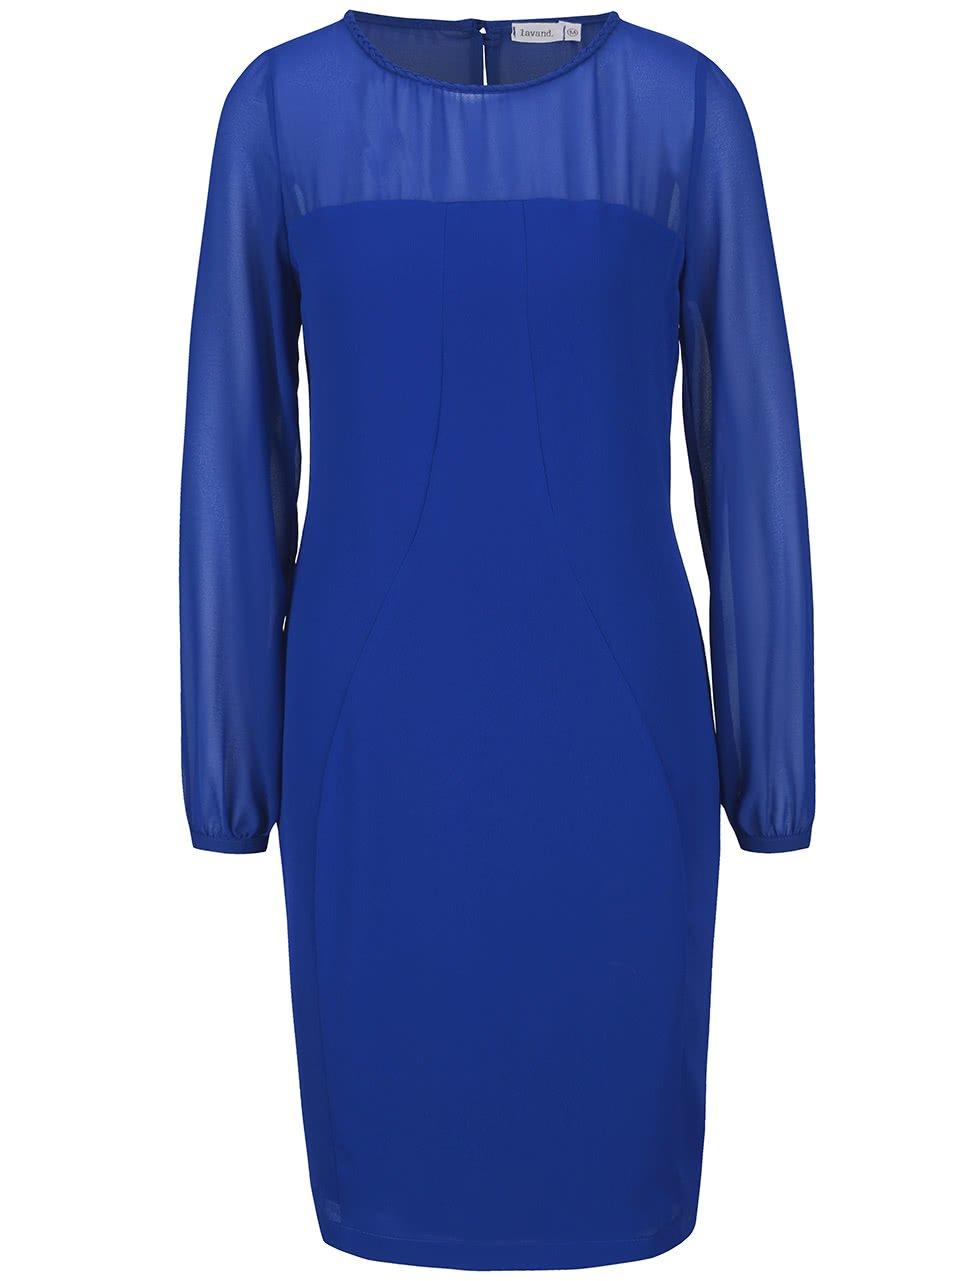 Modré šaty s průhlednými rukávy a dekoltem Lavand